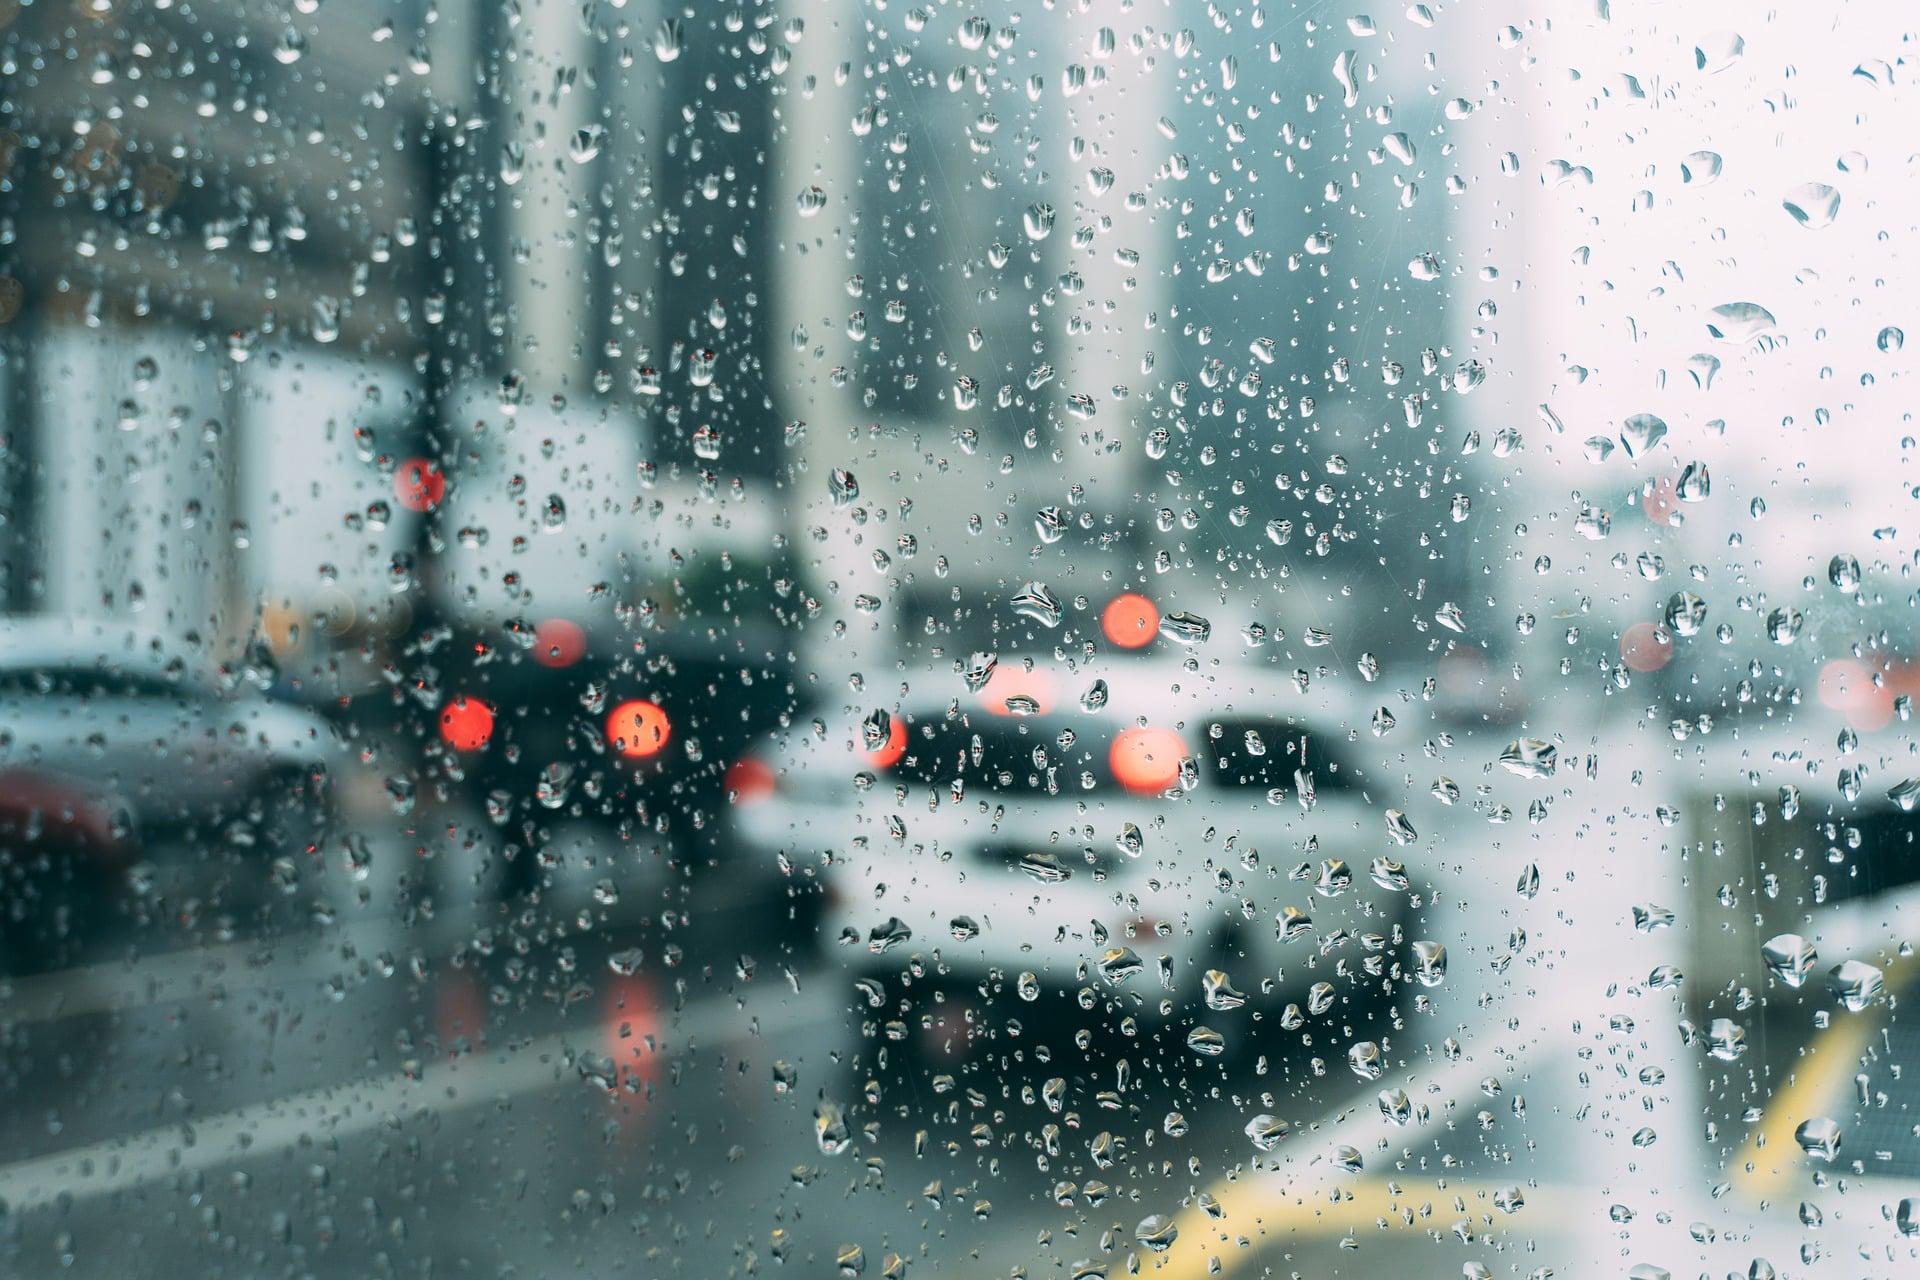 Прогноз погоды в Израиле на 1 марта, понедельник: местами дожди